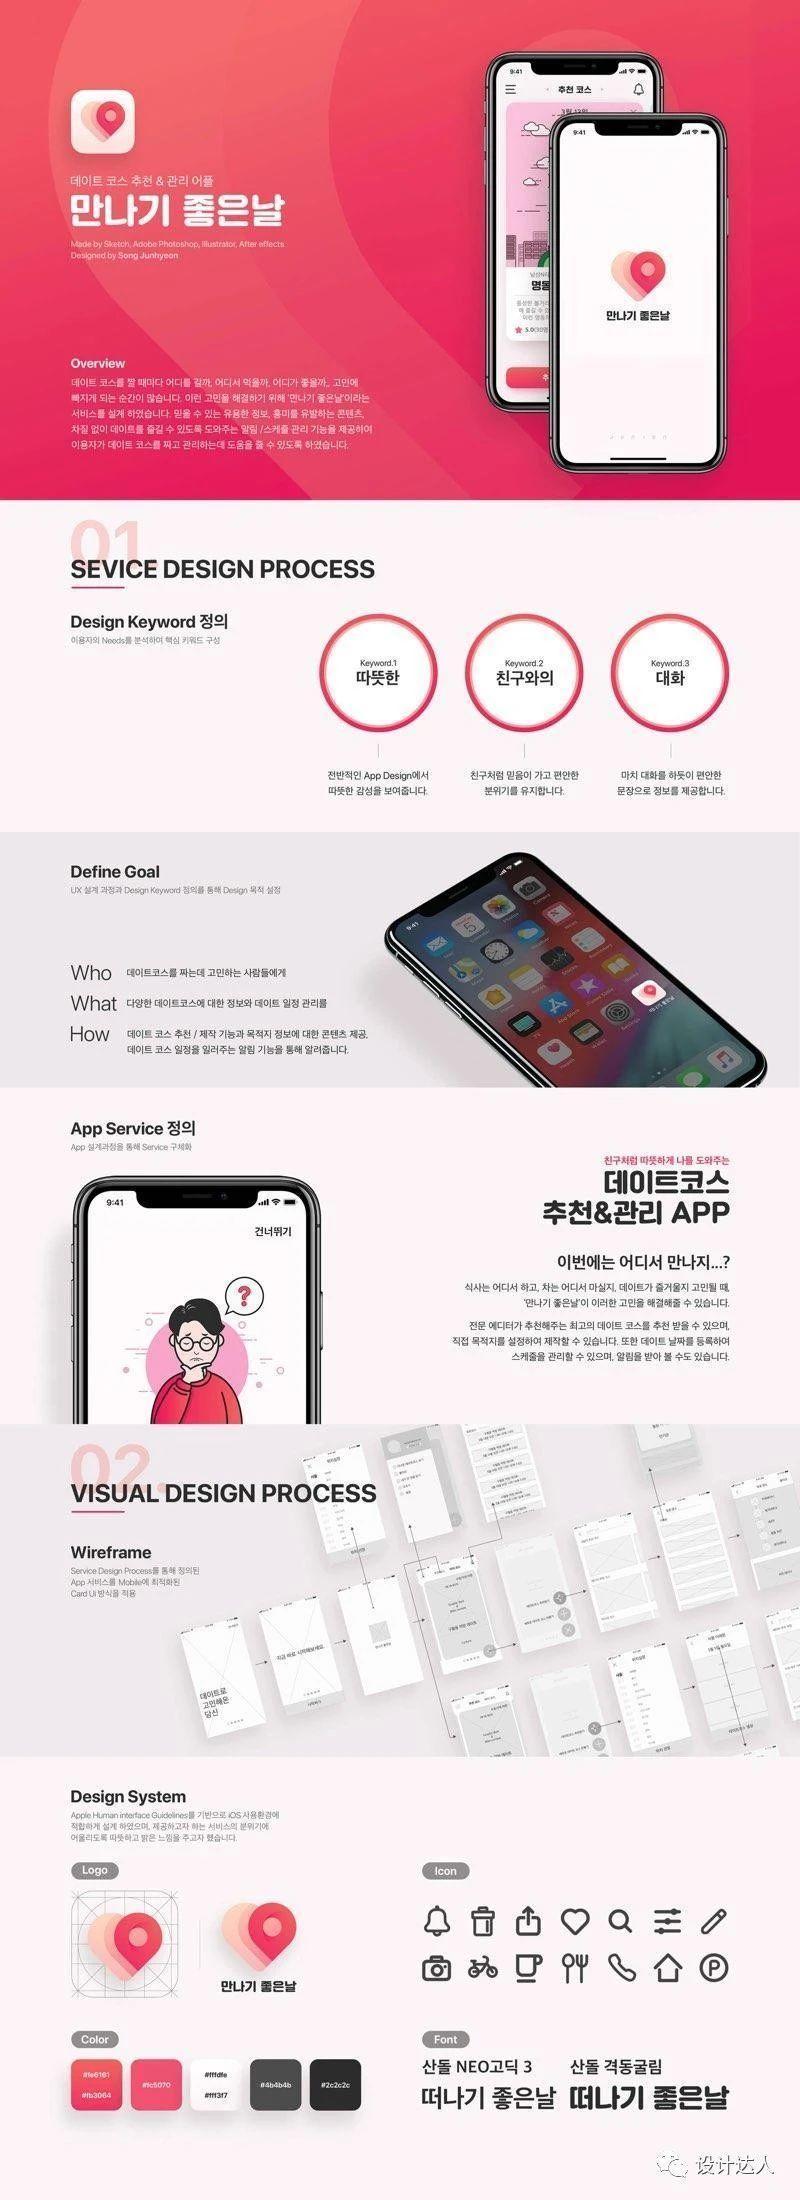 韩国平面/UI设计师社区网站 notefolio